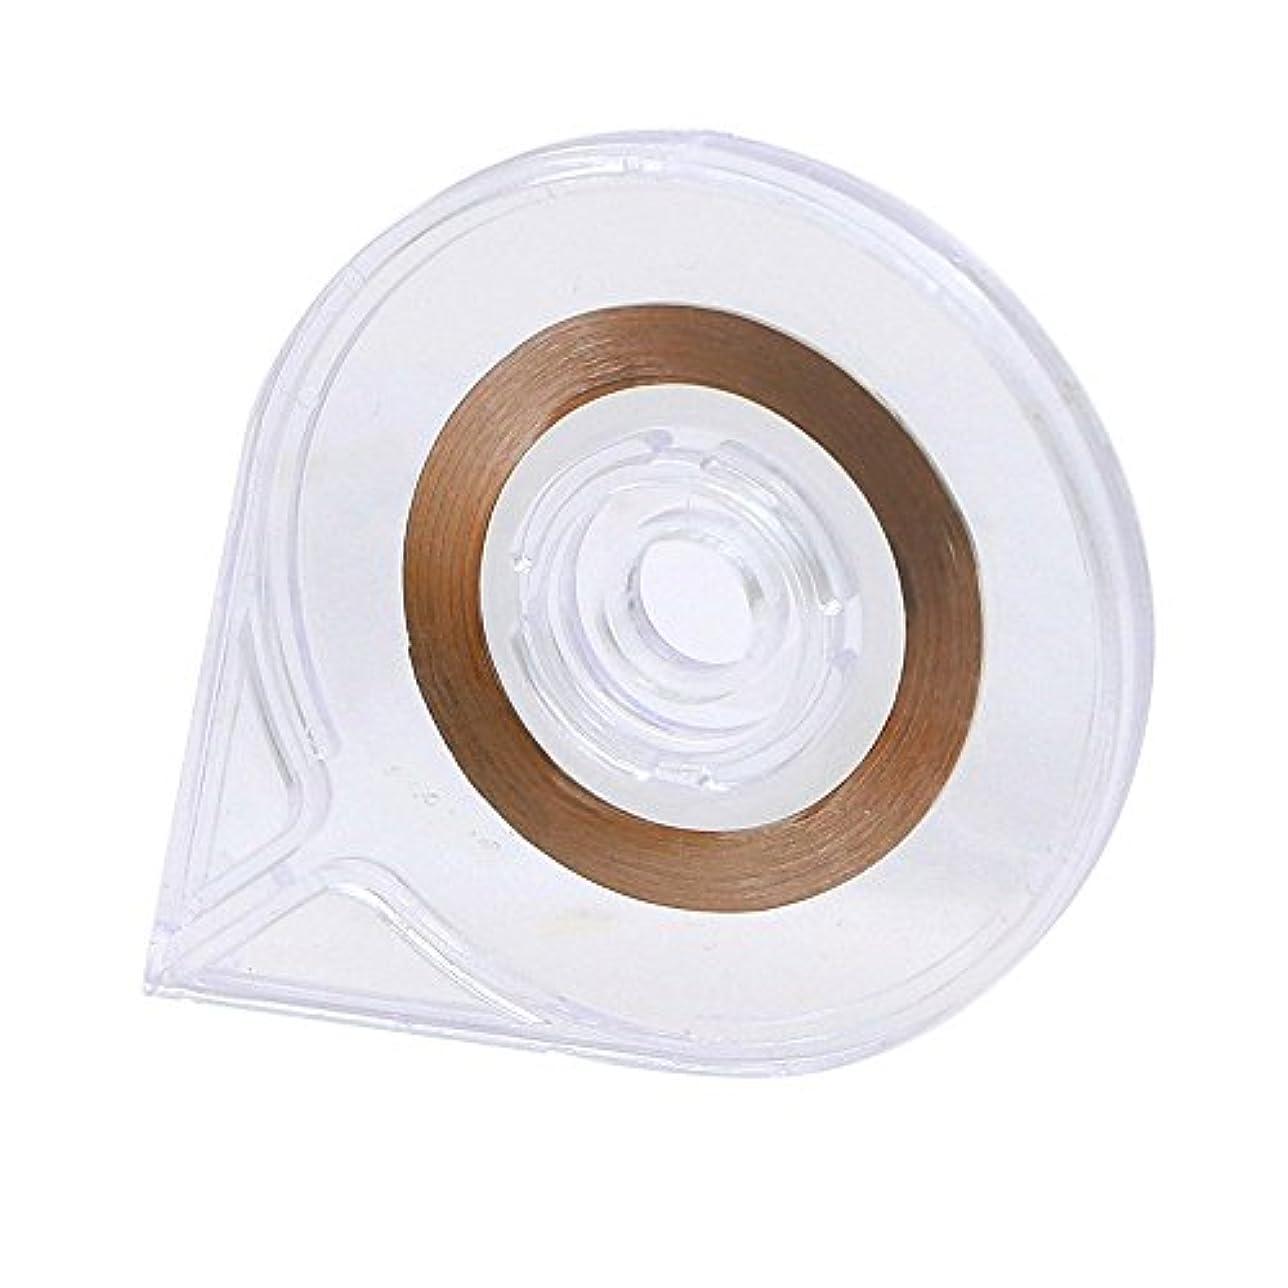 代わりの入場フルーツSODIAL(R) ネイルアート ストライピングテープラインケースツールステッカーボックスホルダー 使いやすいデザイン